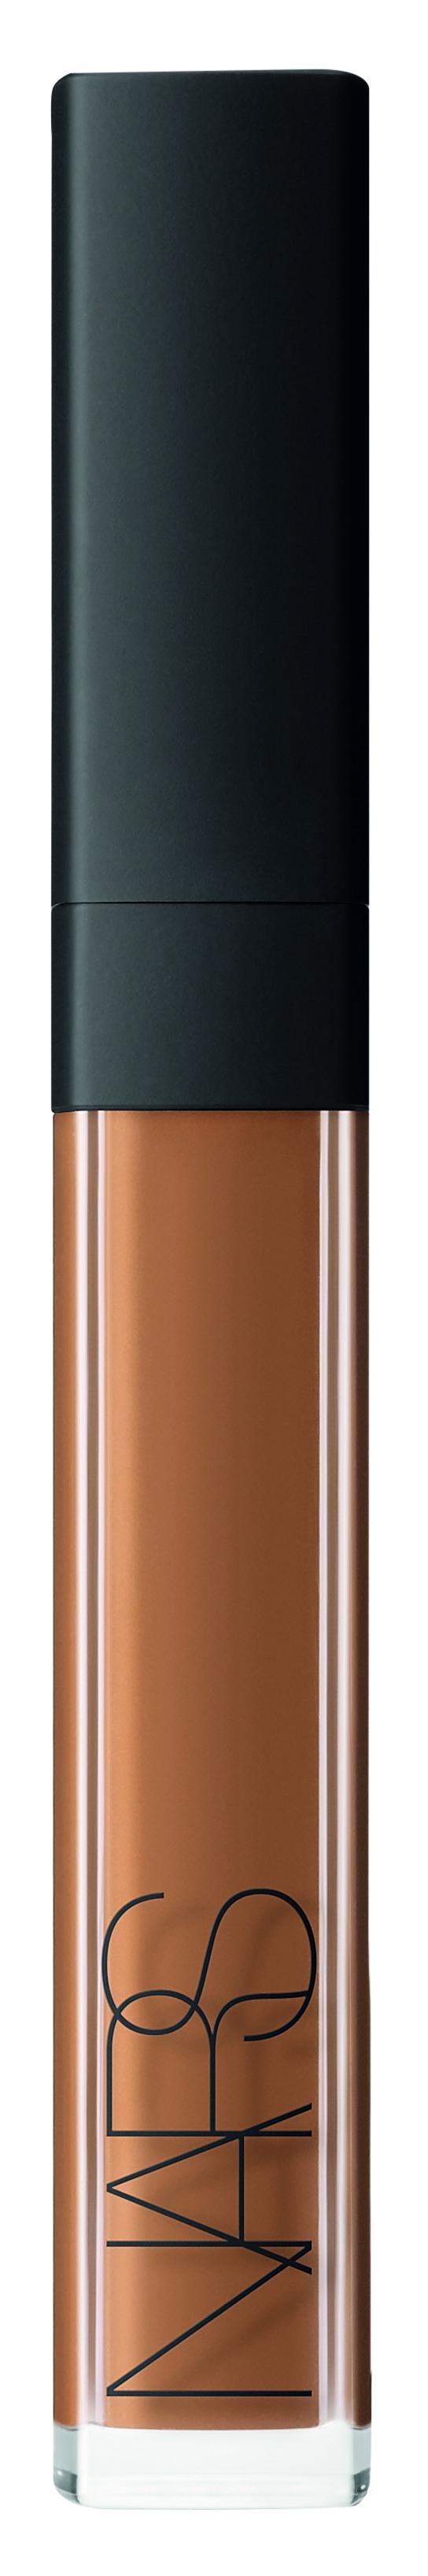 NARS makeup 01c